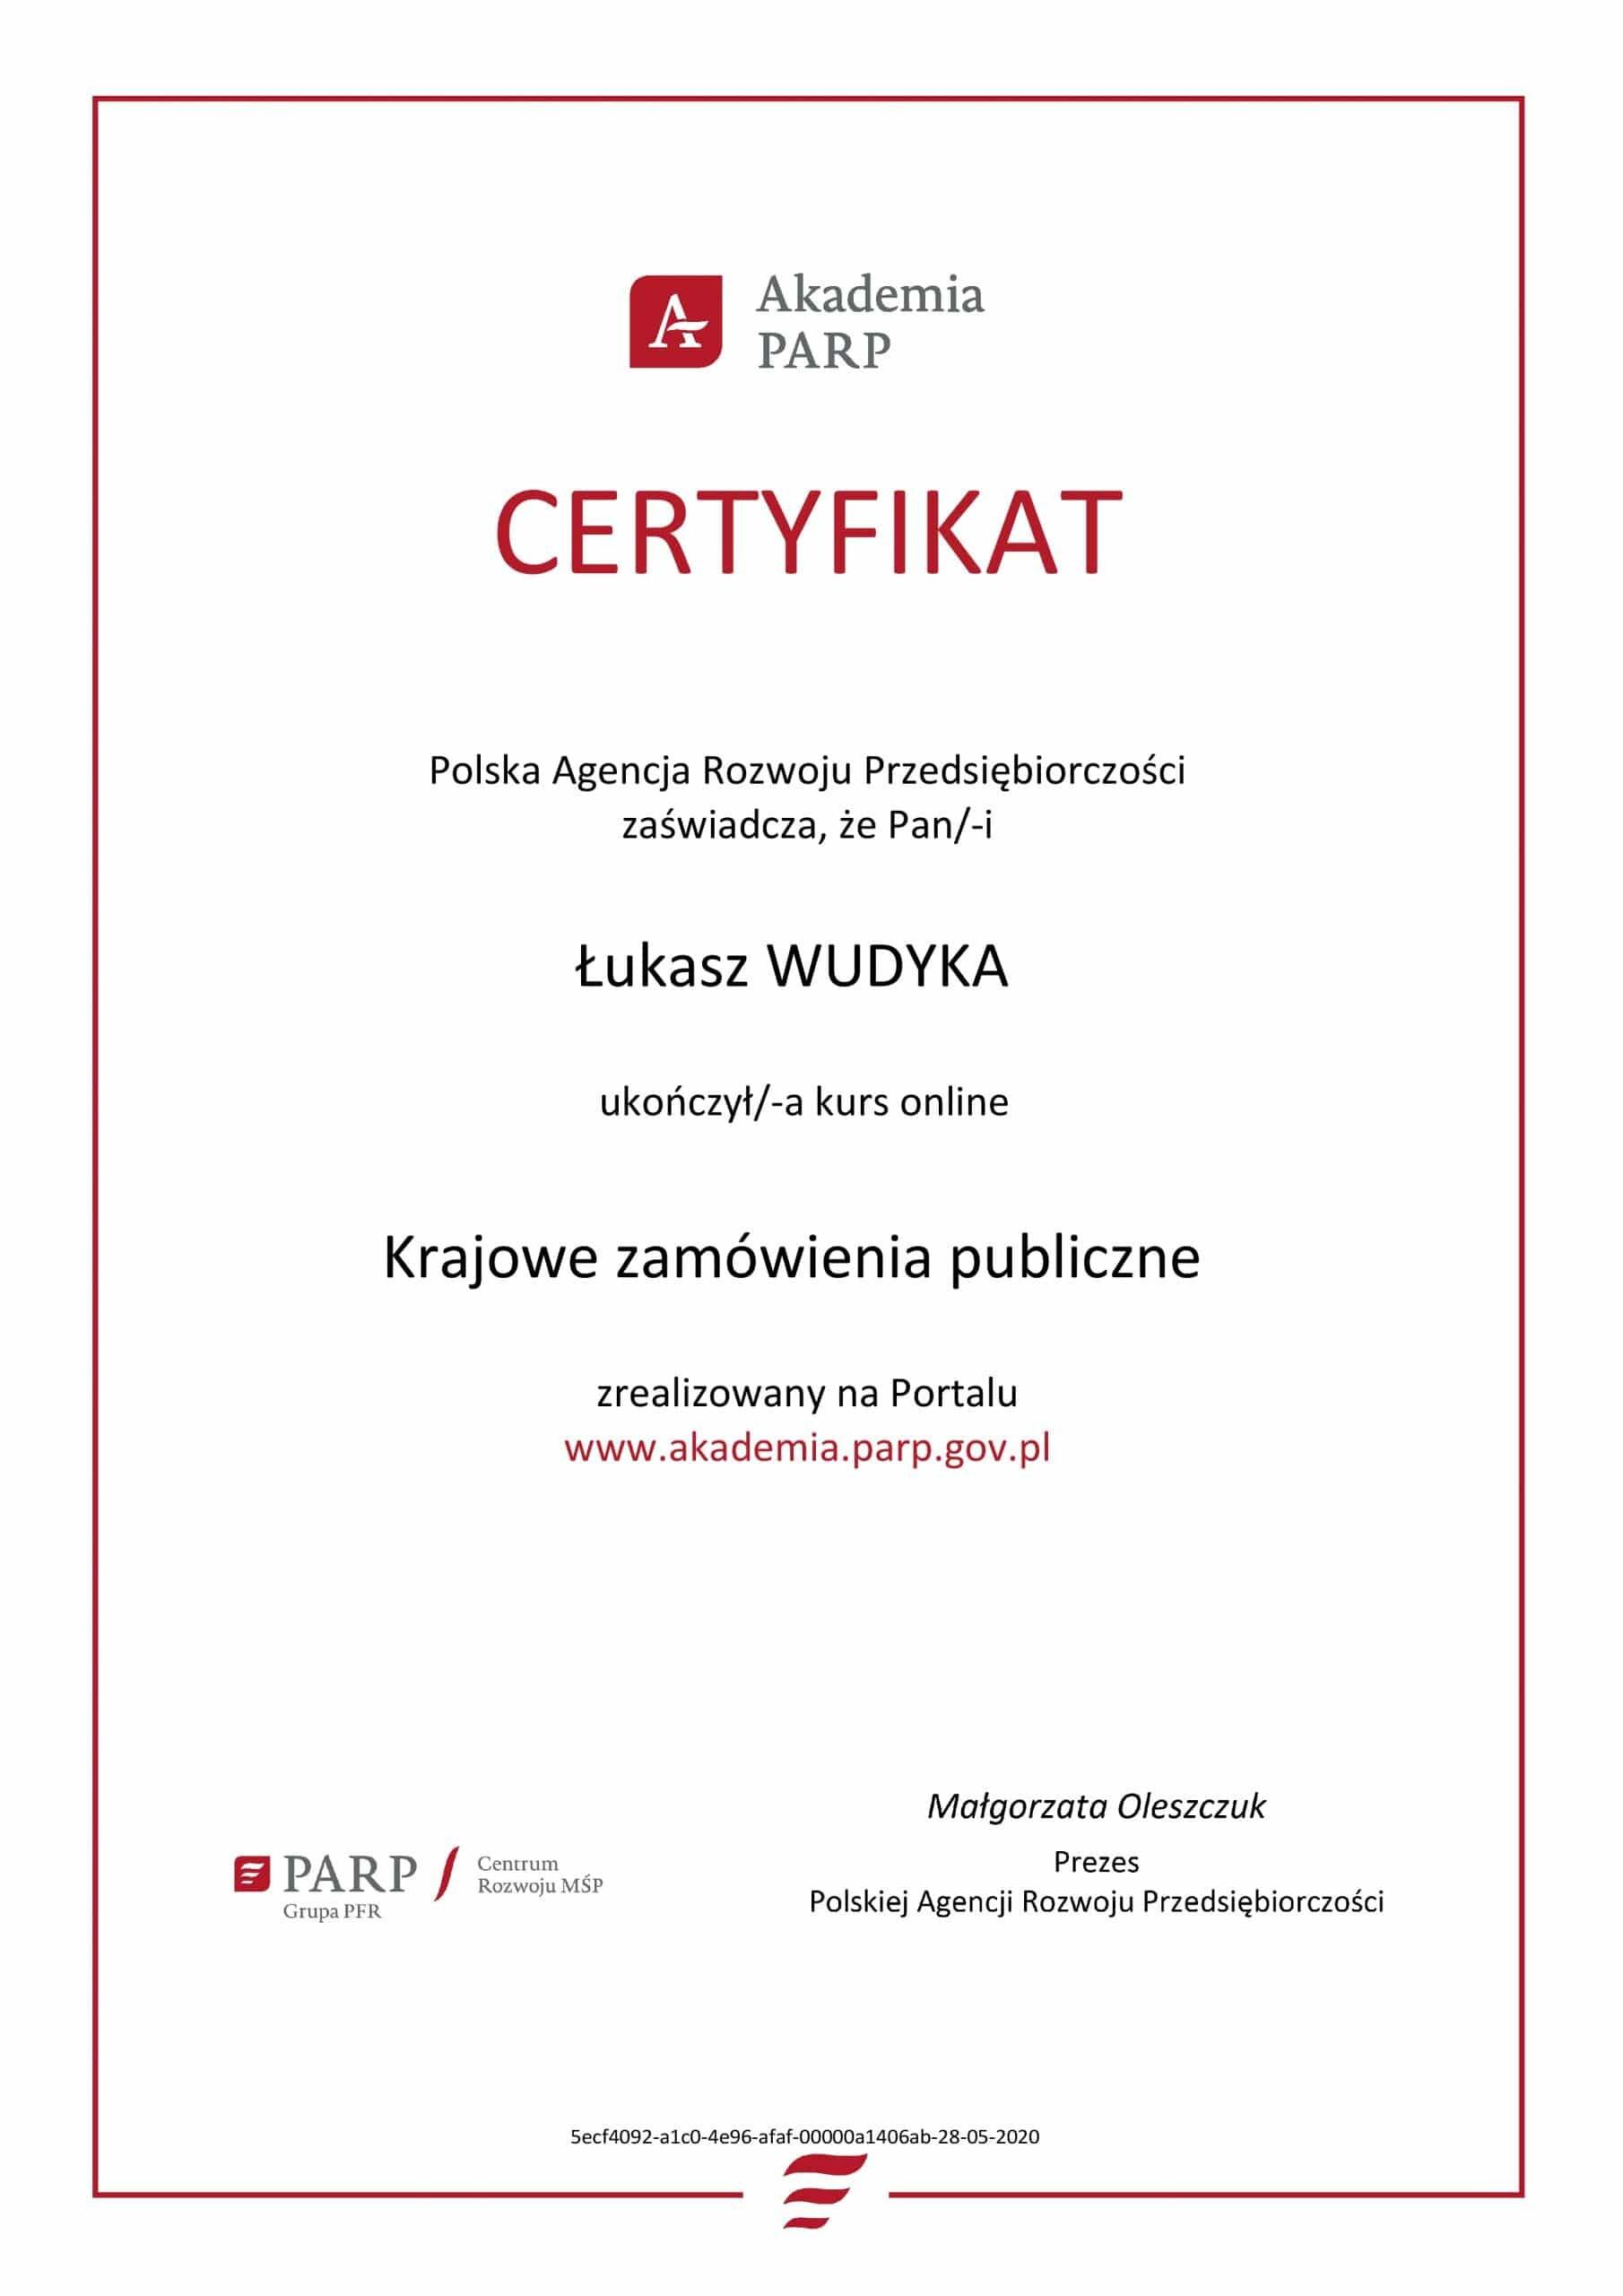 Łukasz Wudyka certyfikat Krajowe zamówienia publiczne - Akademia PARP